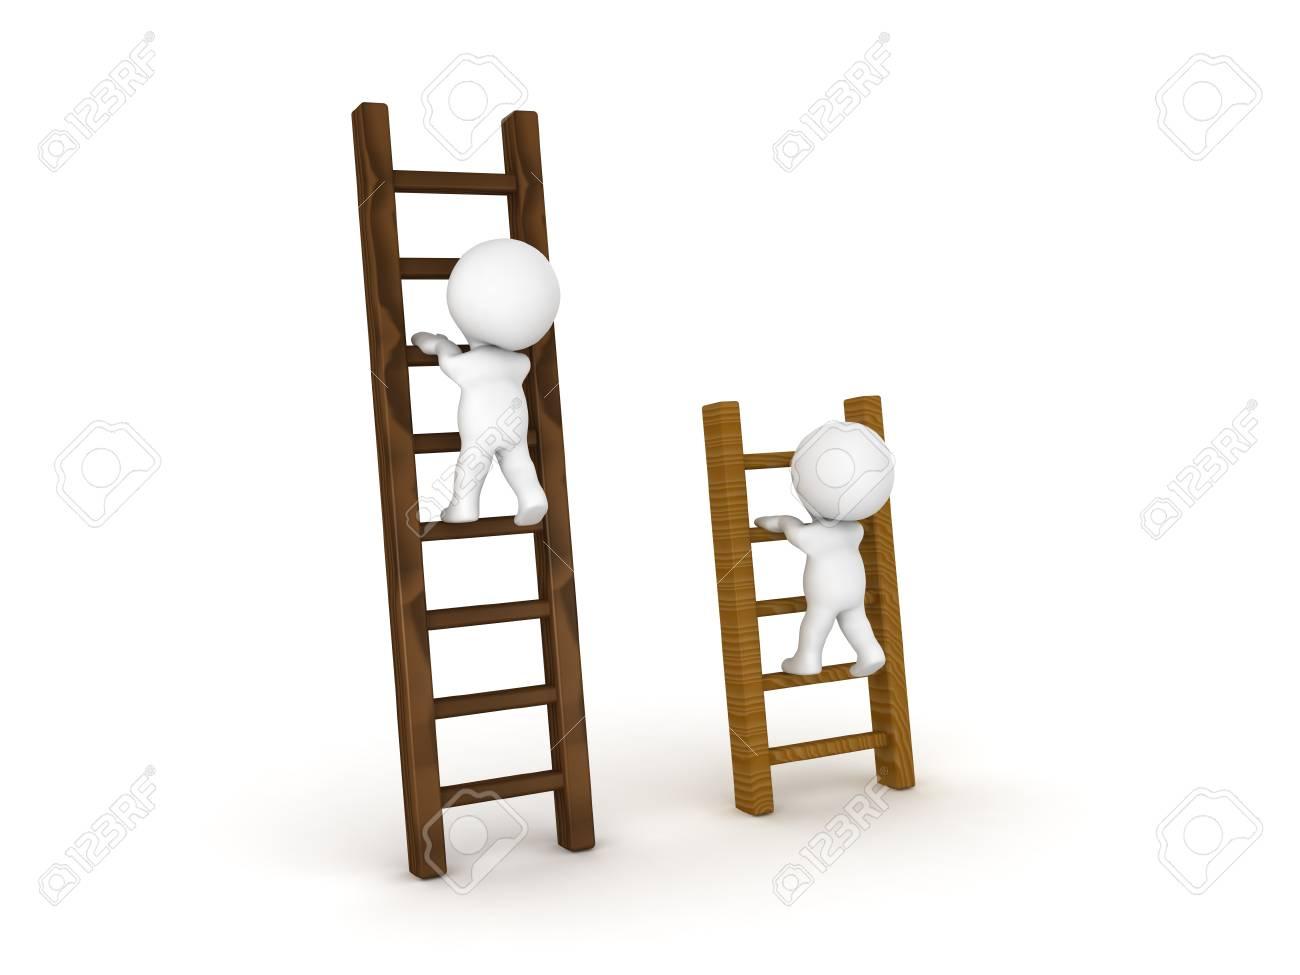 Due personaggi 3D che si arrampicano su diversi tipi di scale  L'immagine  può essere utilizzata nello scenario di confronto